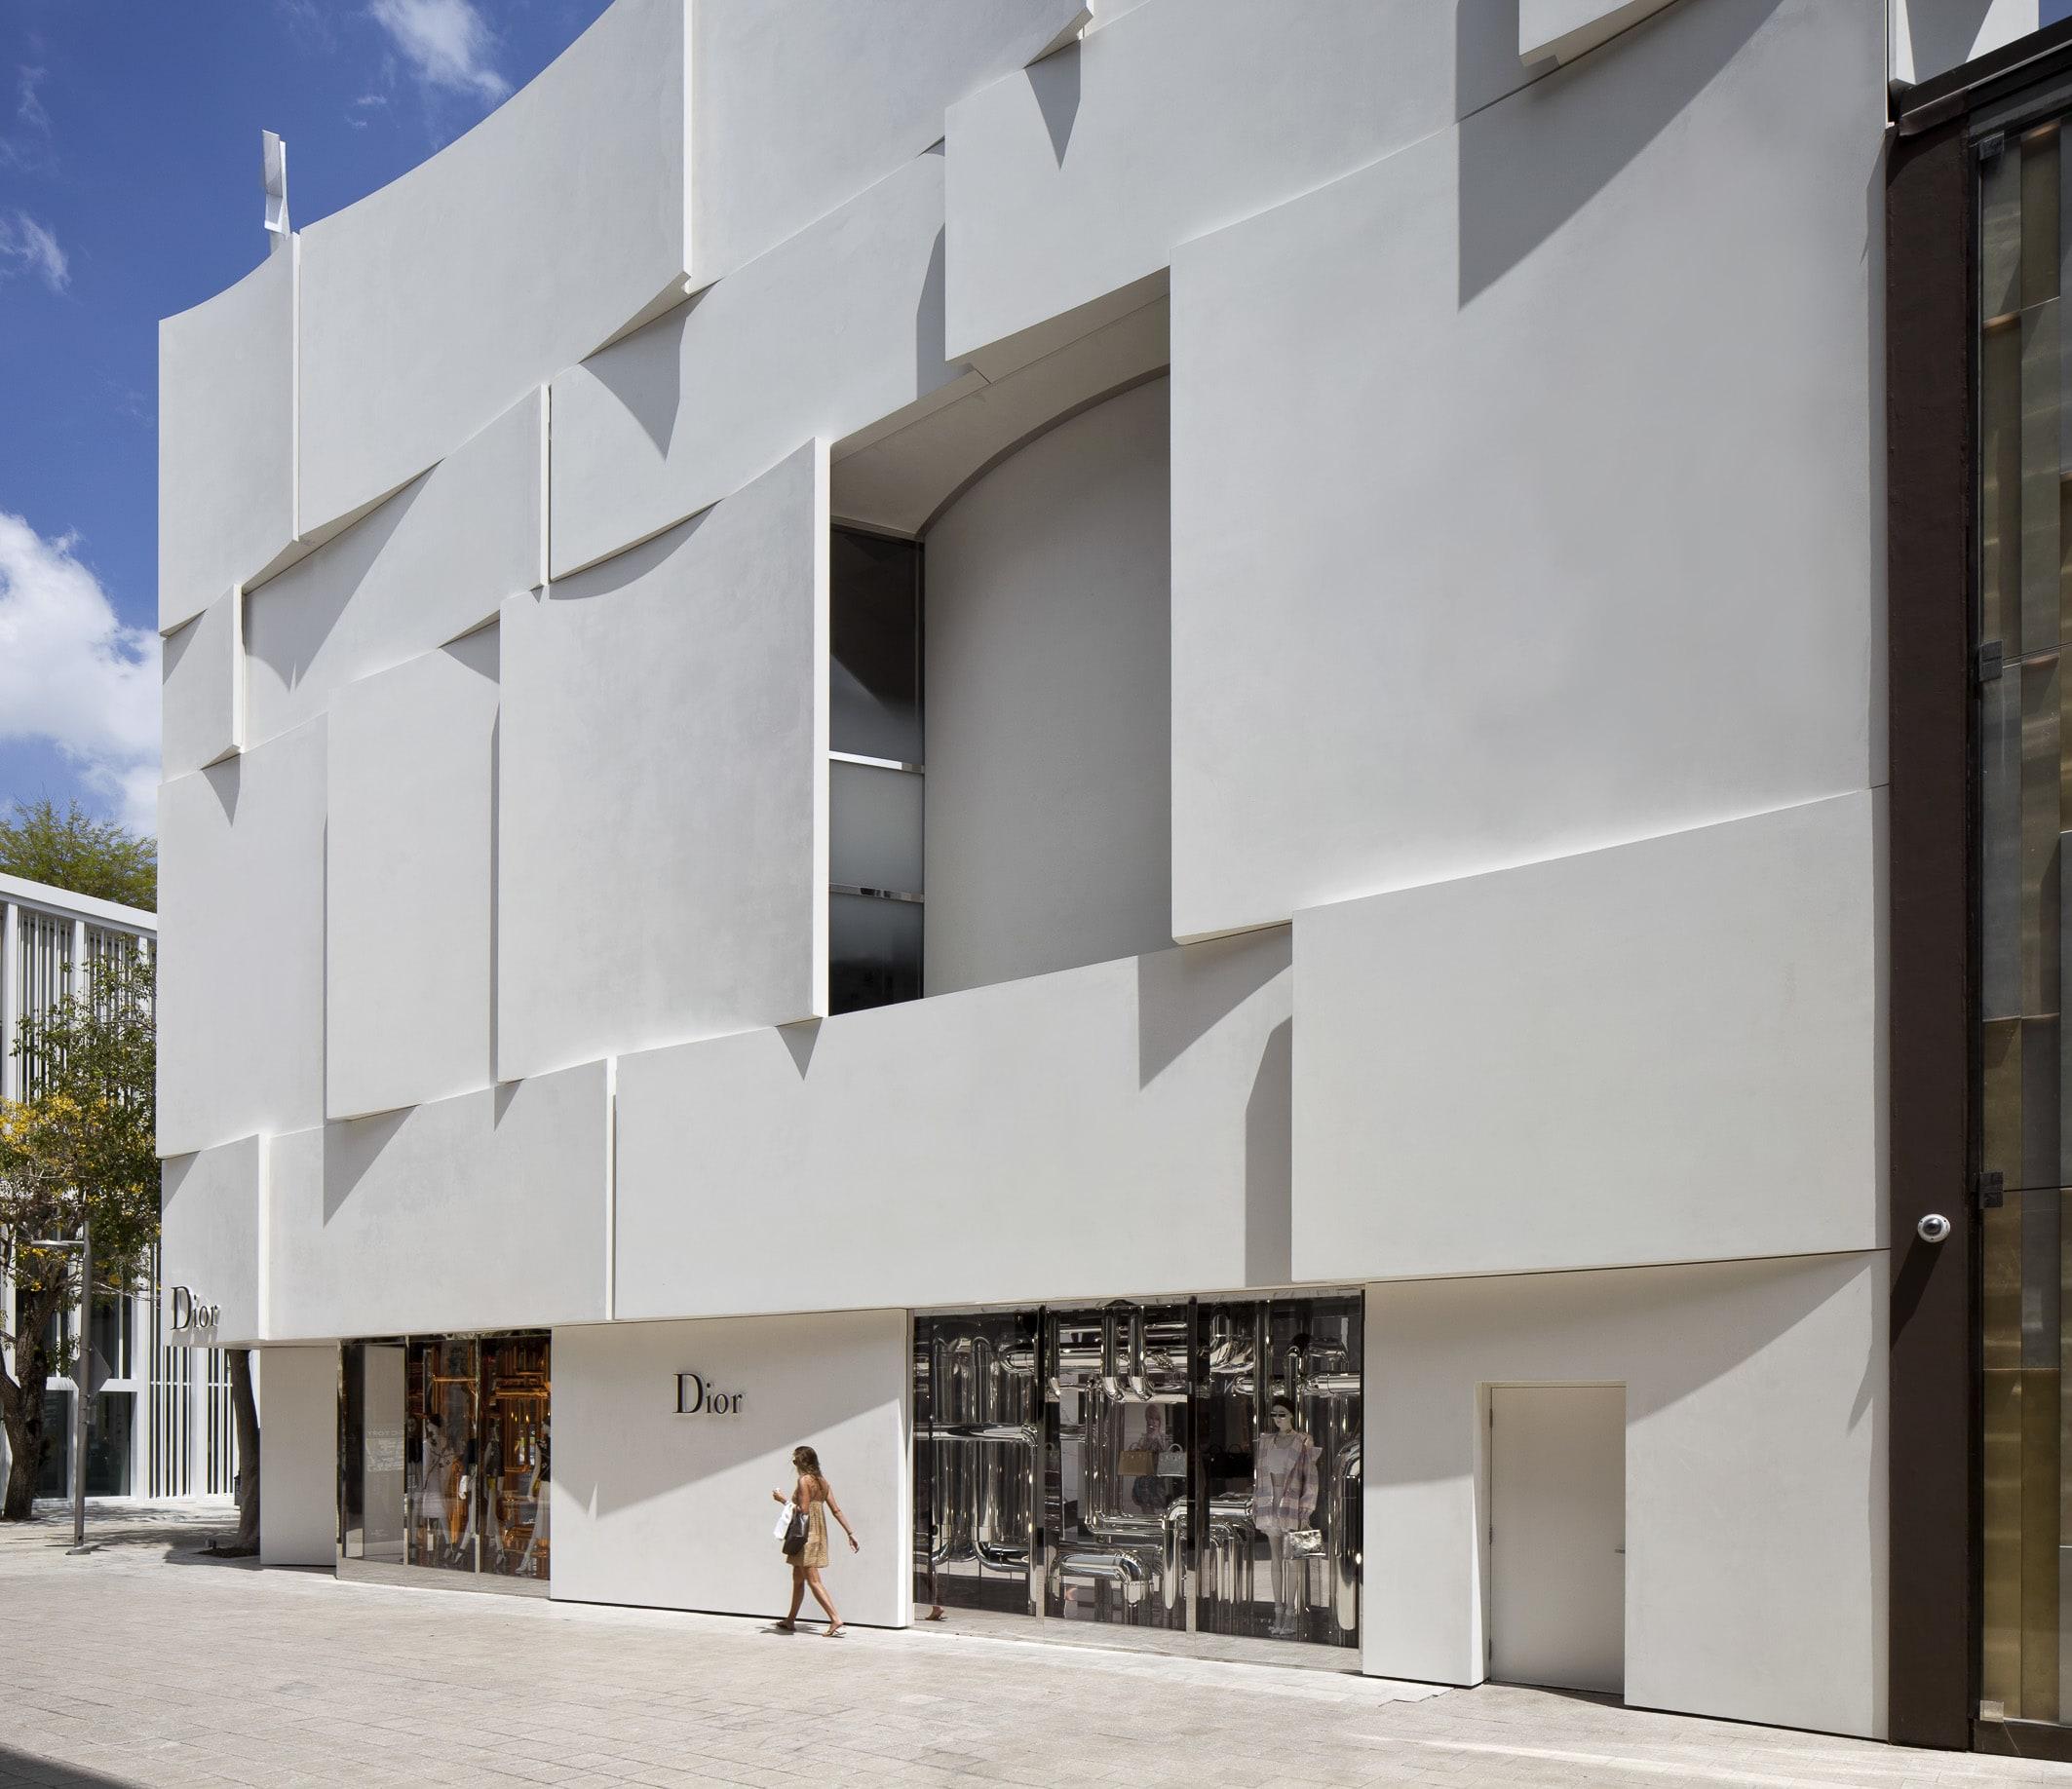 Barbaritobancel Architectes Peter Marino Architect Alessandra Chemollo Dior Miami Facade Divisare